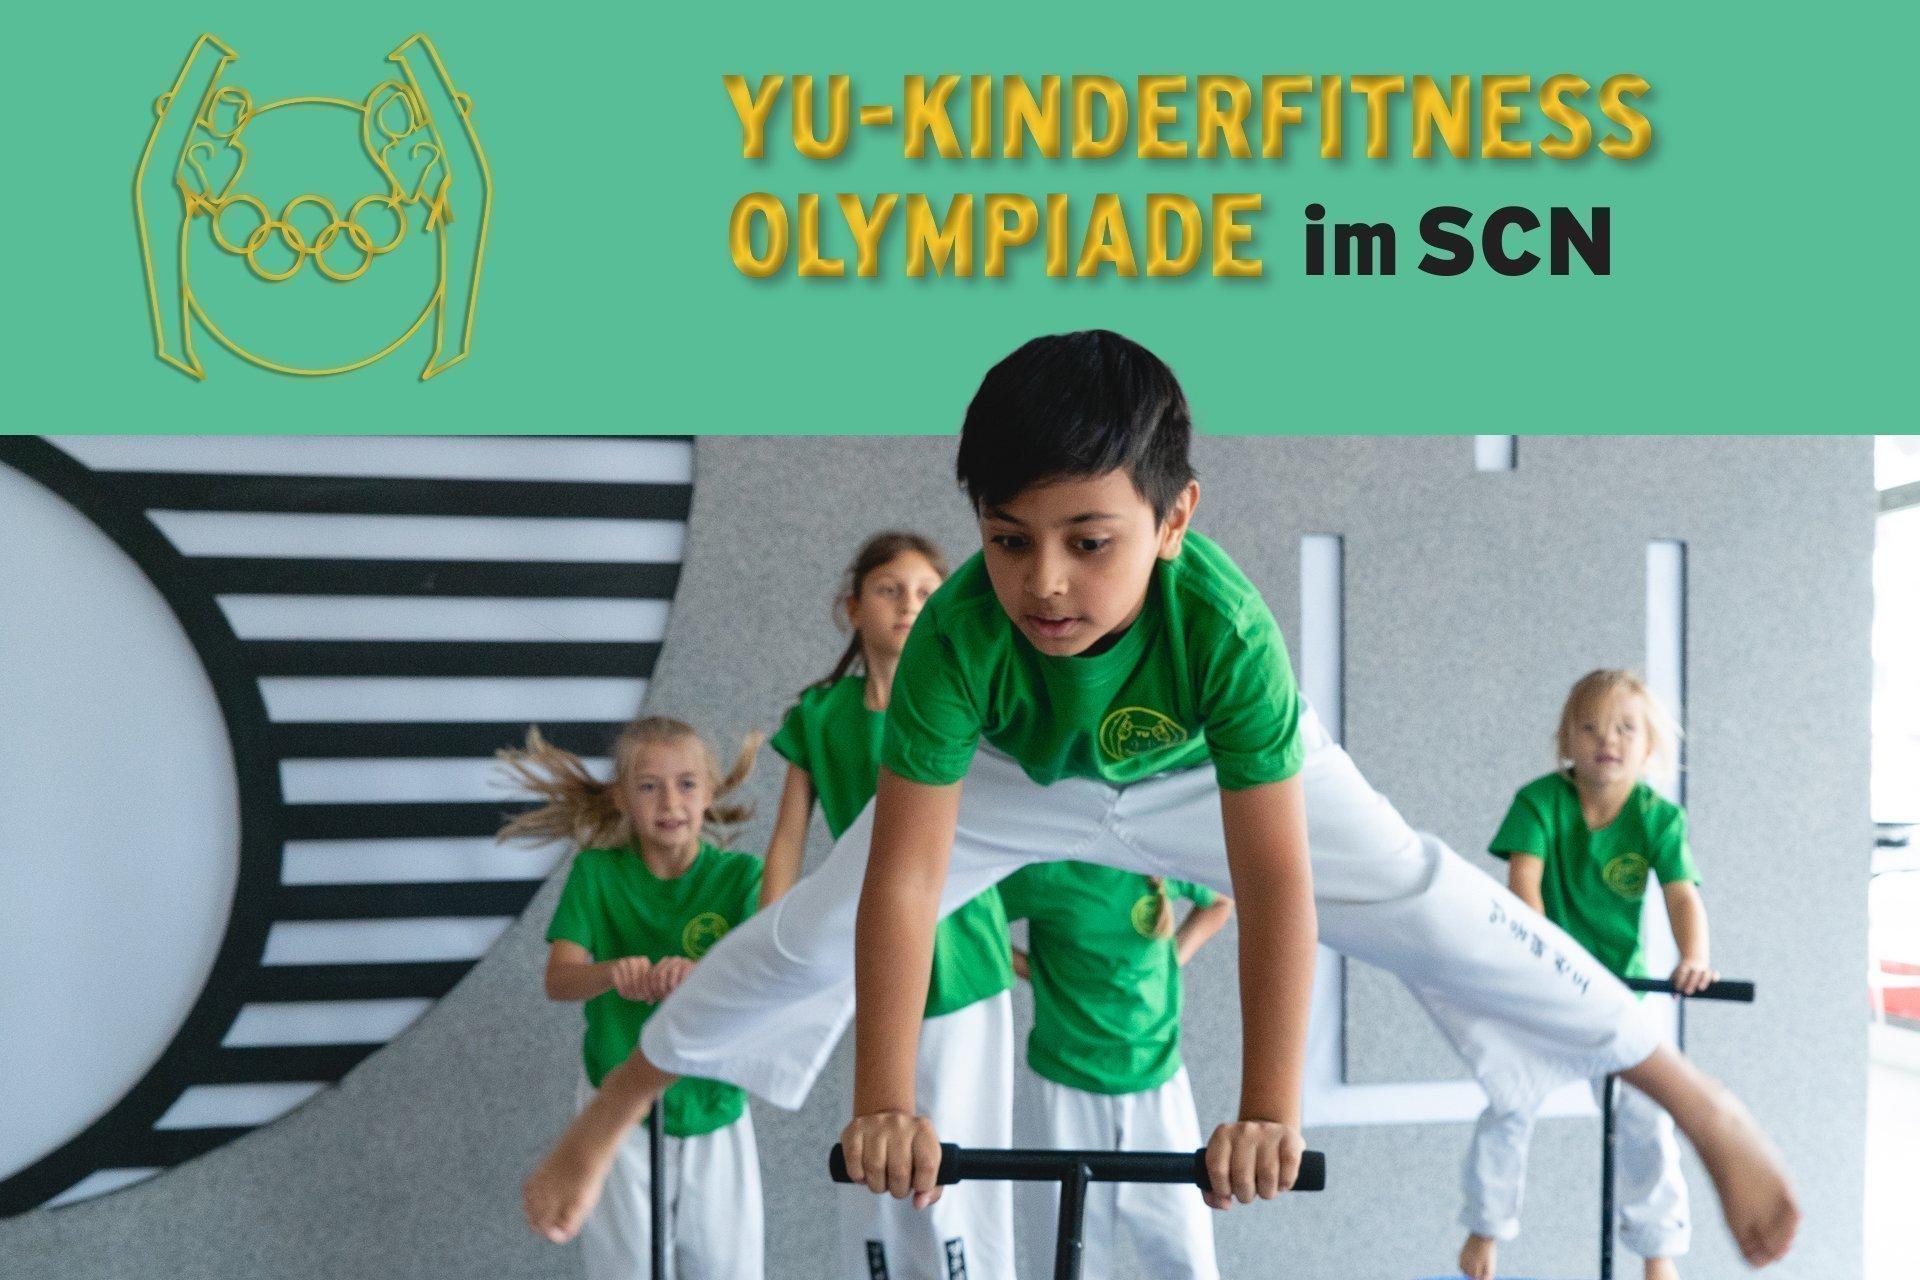 Bild zu YU-Kinderfitness-Olympiade im SCN